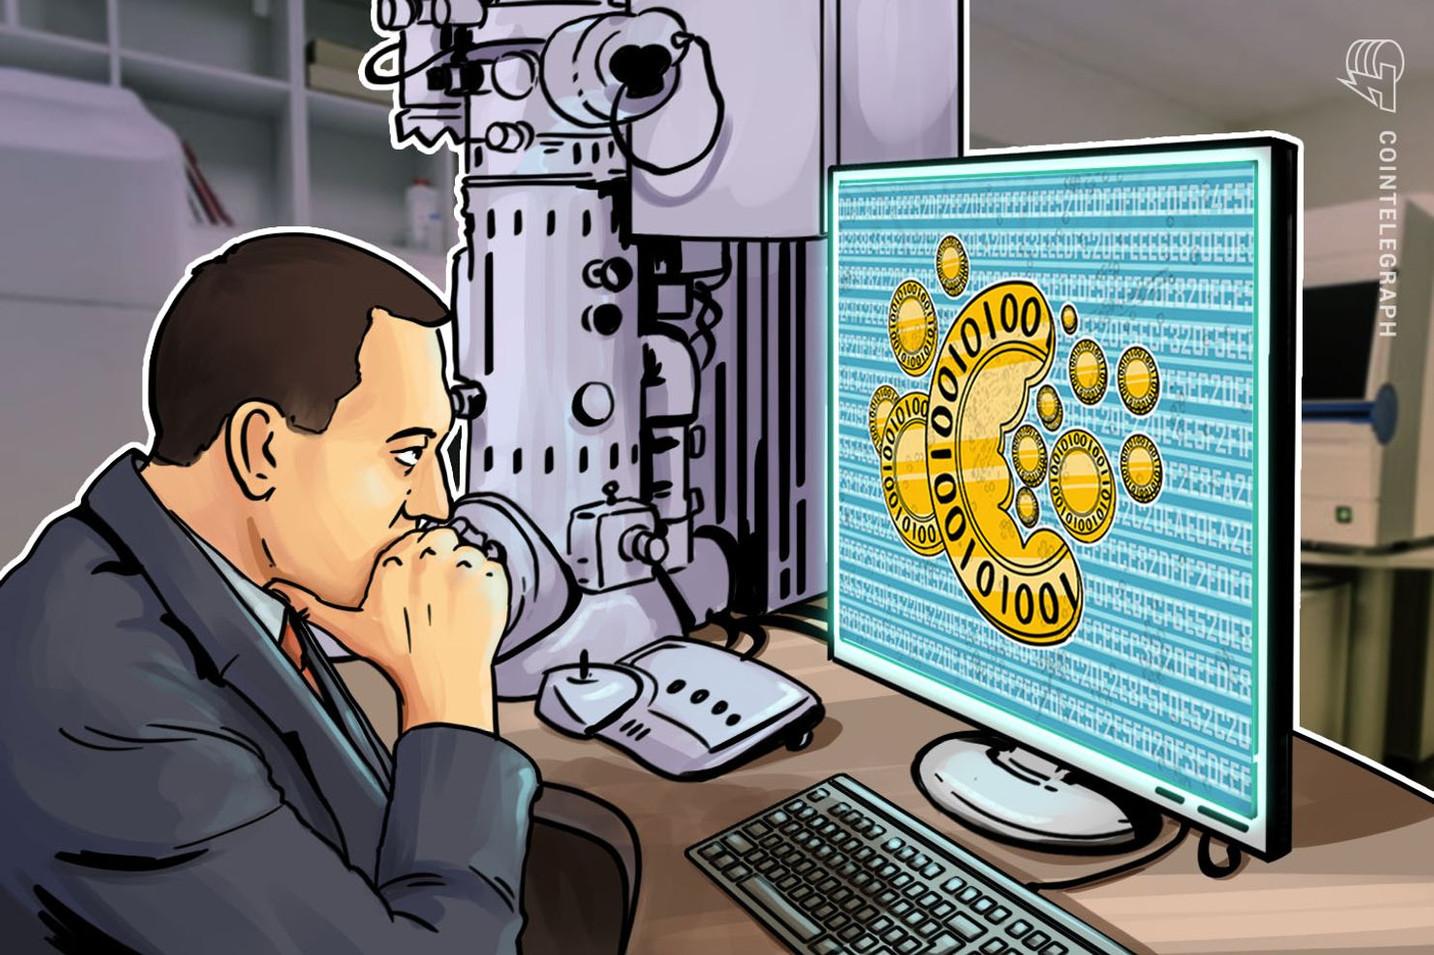 富山第一銀行とインテック、ブロックチェーンを使ったデジタル通貨の実証実験を開始